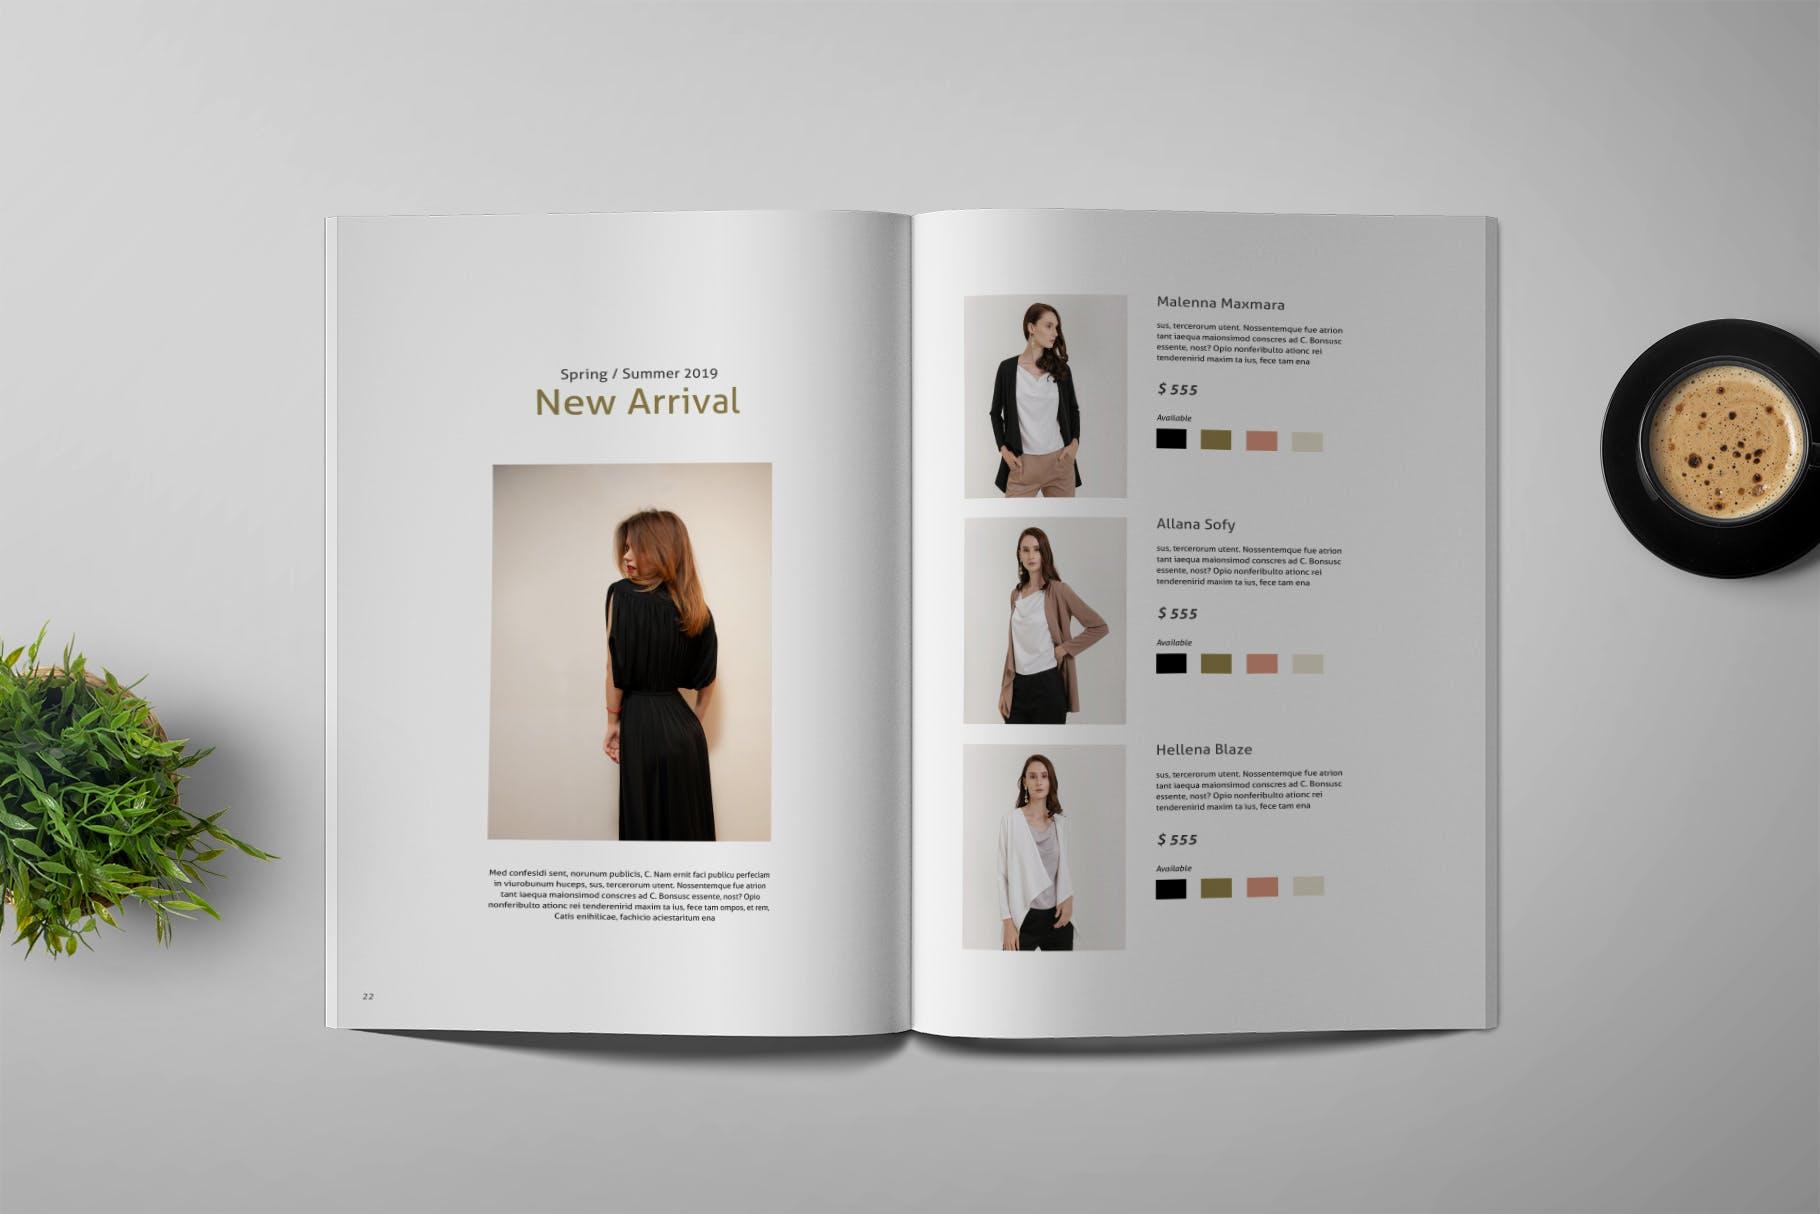 流行服饰样机样机素材模板下载Casual - Magazine Template